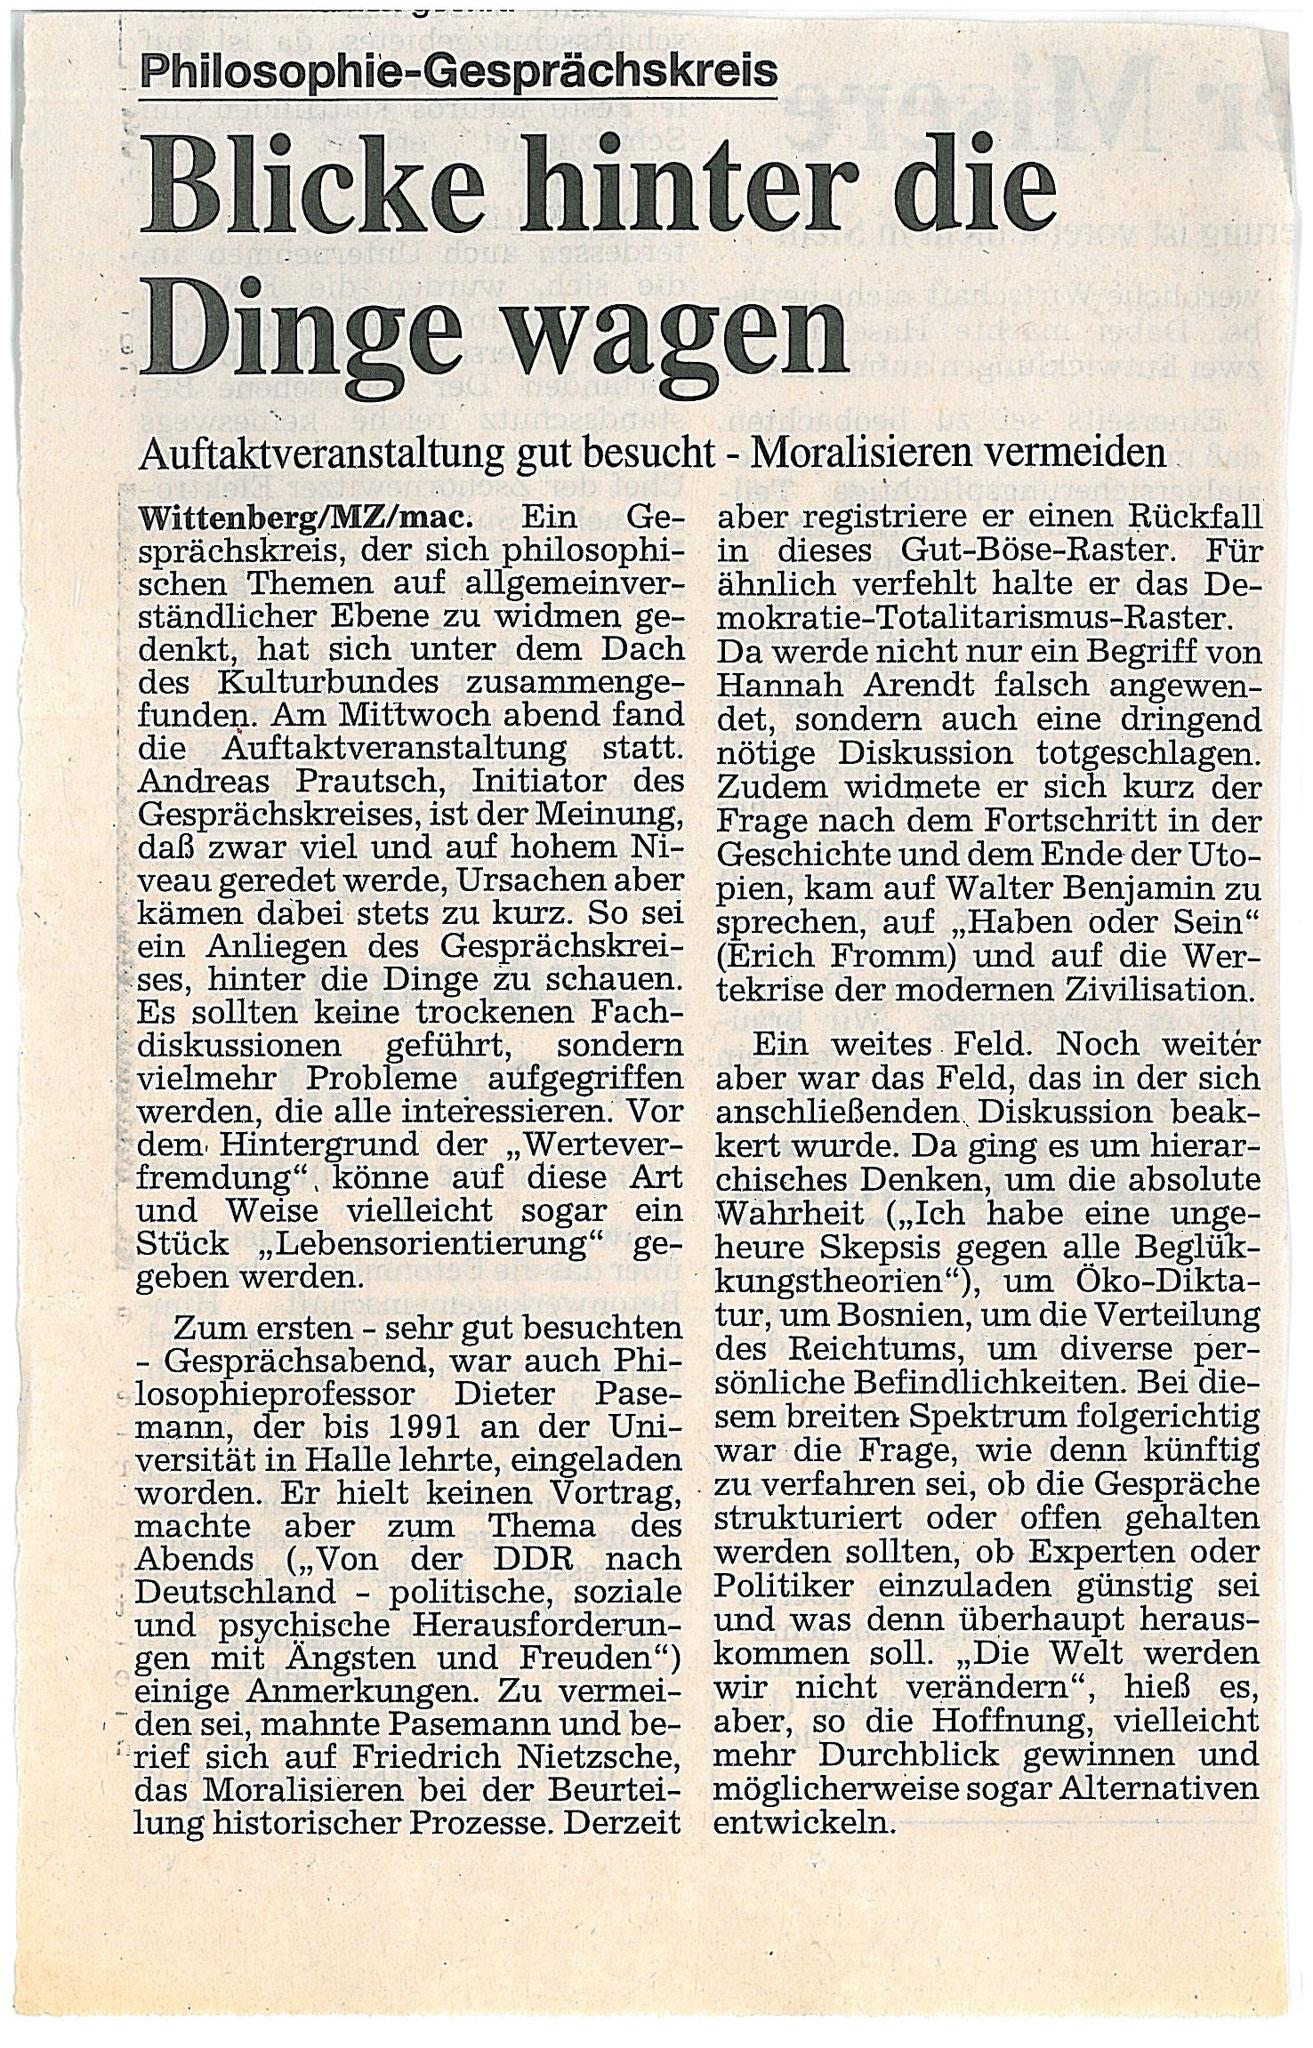 Ankündigung der Gründung des philosophischen Gesprächskreises in Wittenberg - Oktober 1995